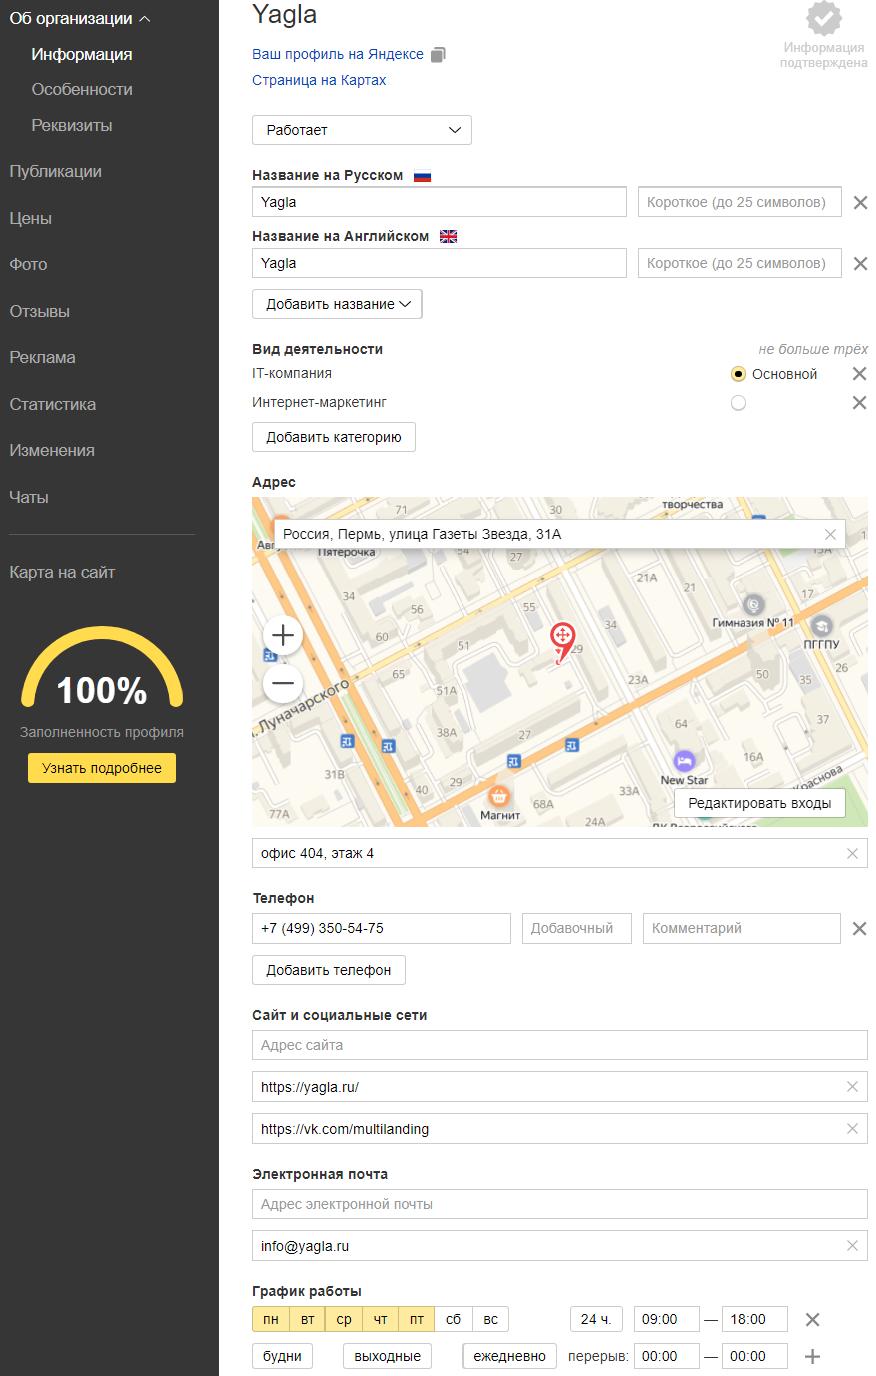 Яндекс Справочник – страница редактирования профиля